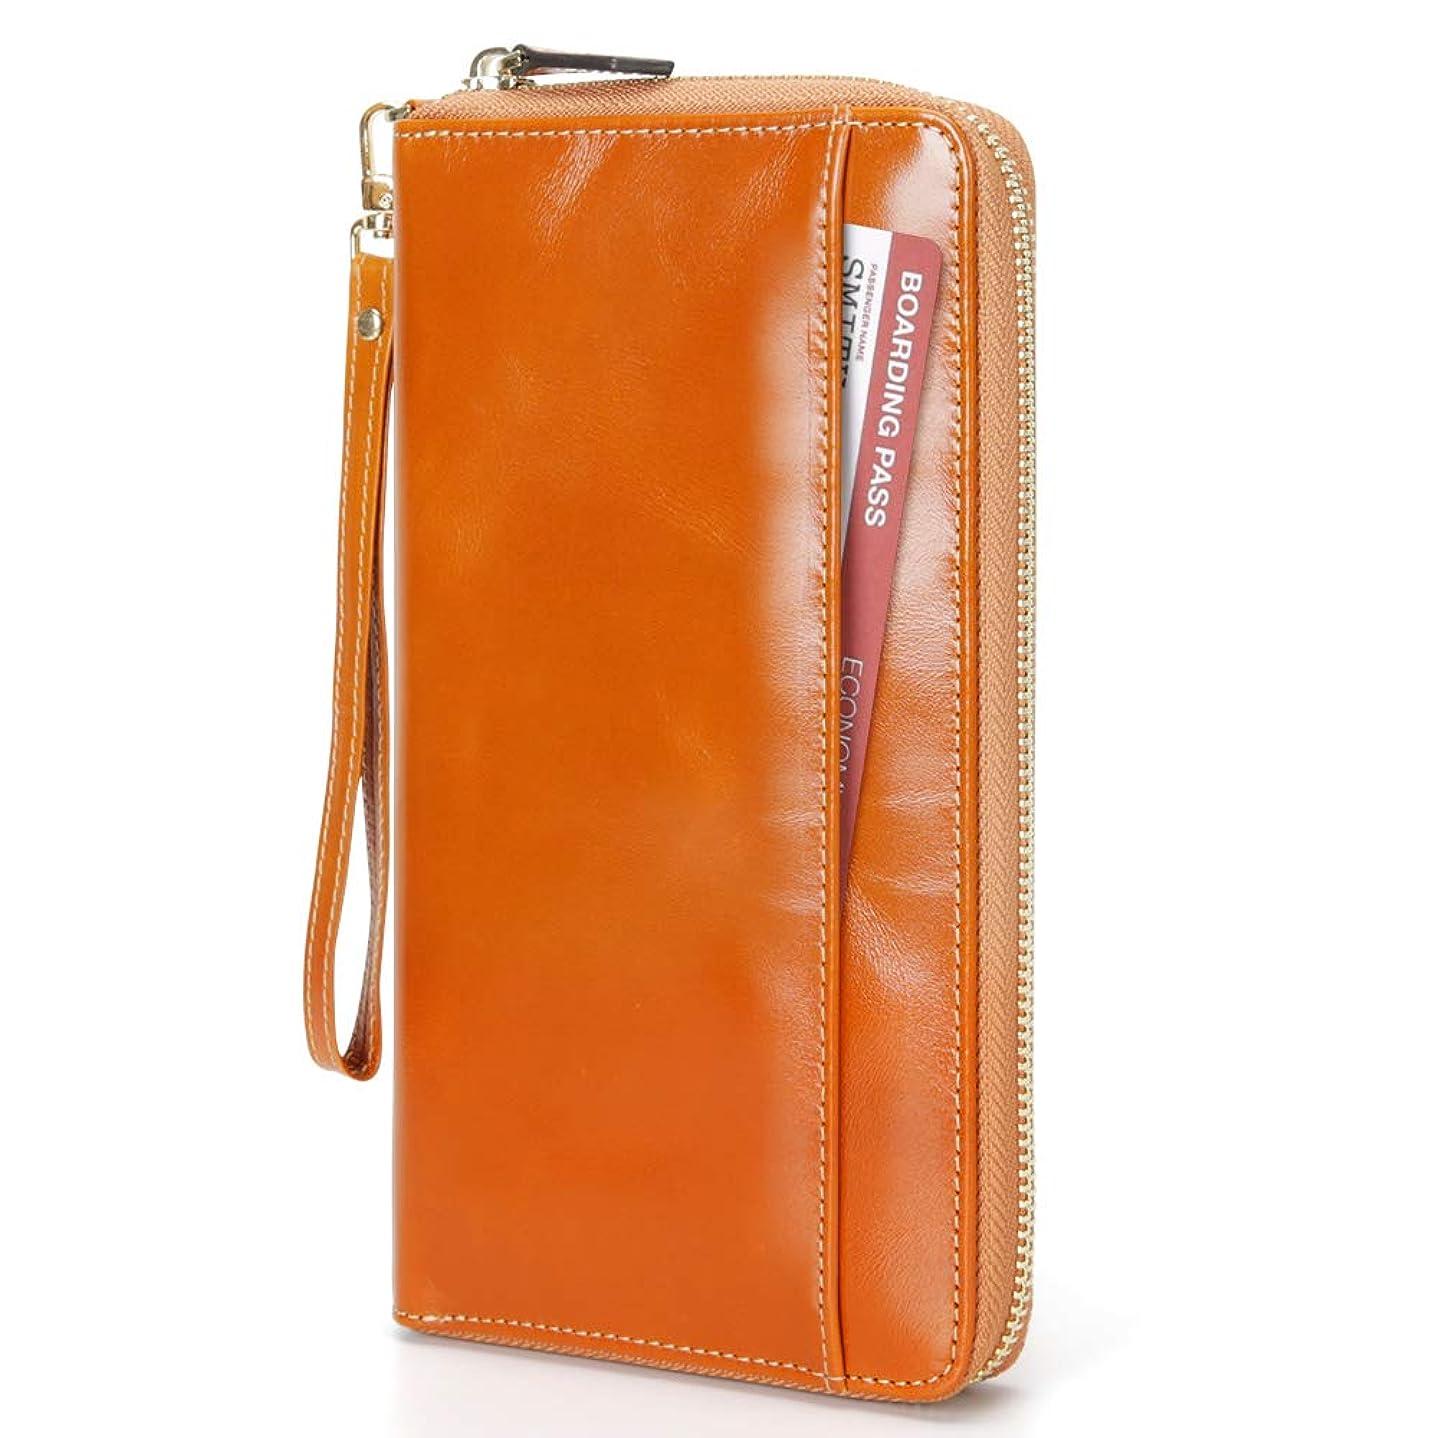 伝記中級イブEGRD パスポートケース カードケース 大容量 RFIDスキミング防止 7カード入れ ペンホルダー*1 お札/航空券/パスポートなど入れ可 海外旅行/出張/ビジネスなどに適用 ハンドストラップ付